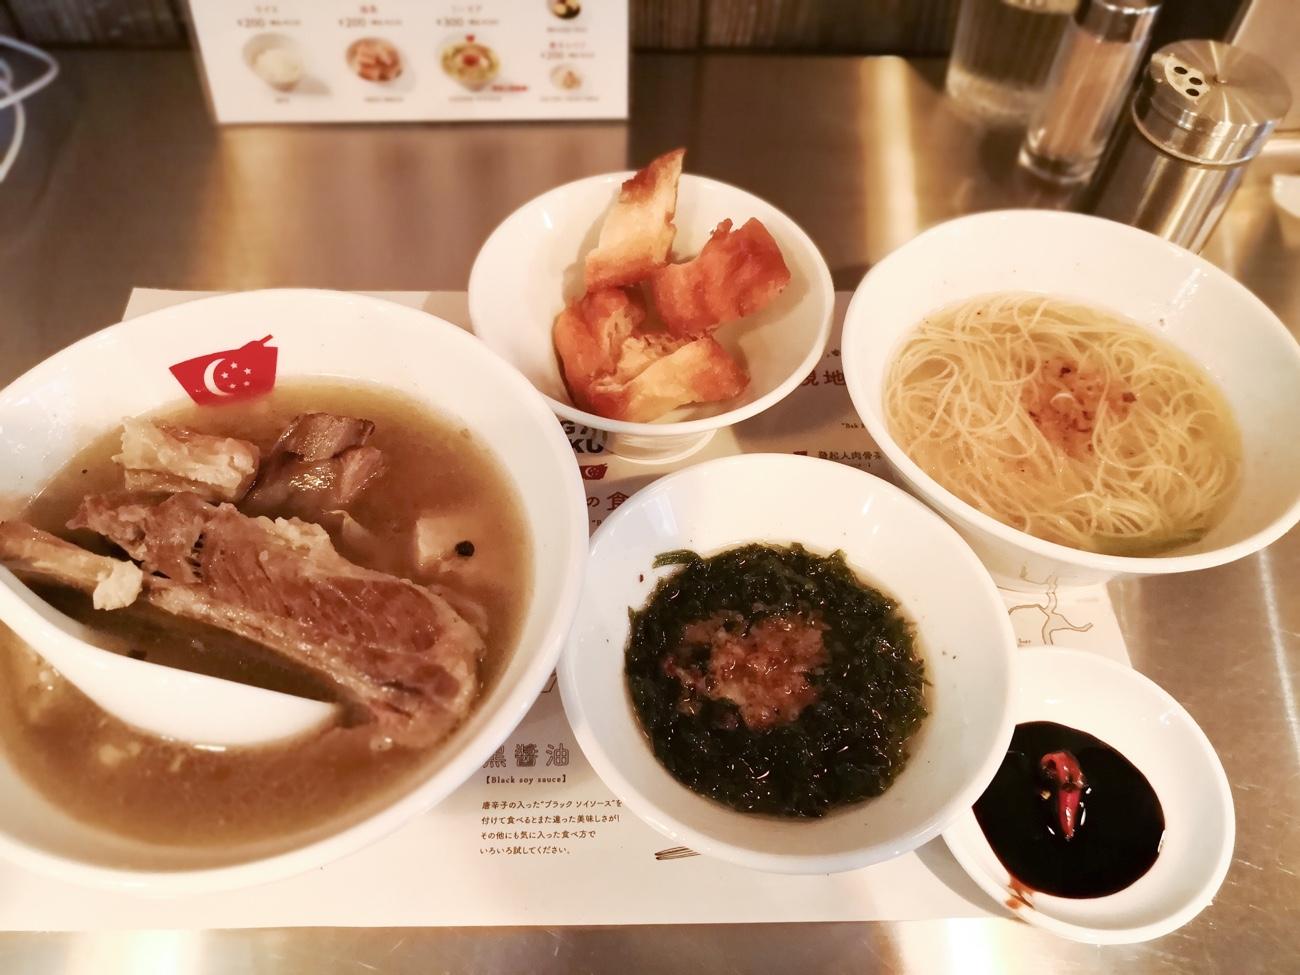 シンガポールバクテー赤坂 肉骨茶満喫セット バクテー